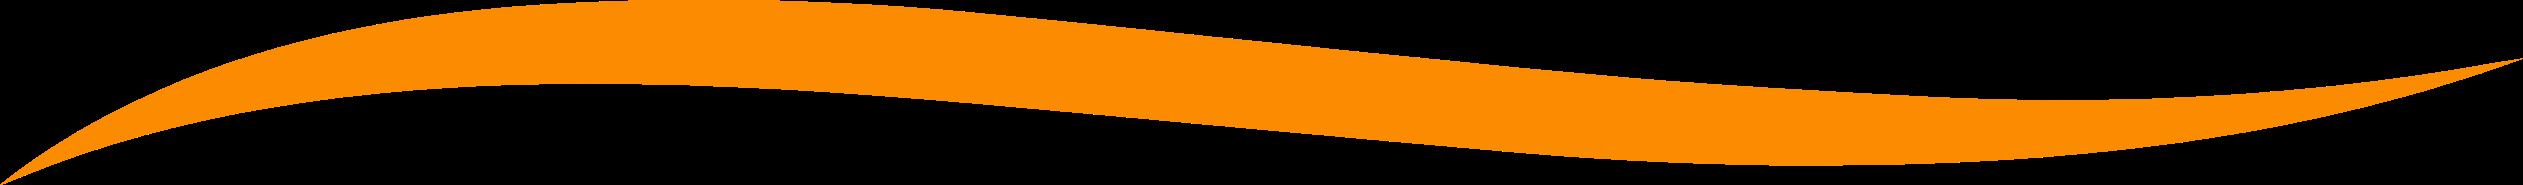 orange underline